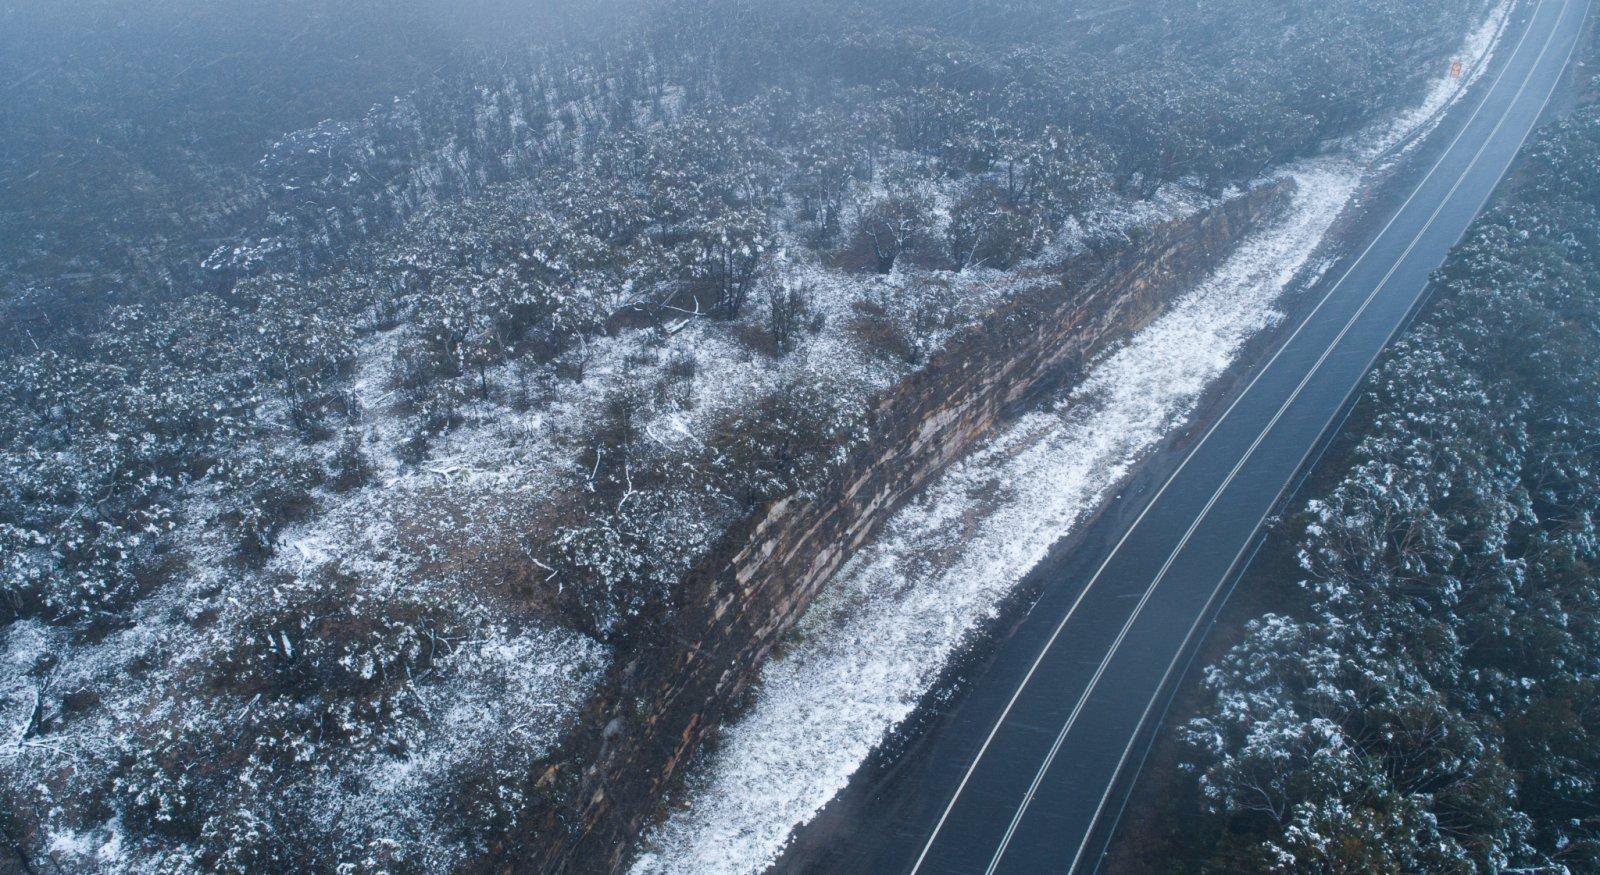 這是6月10日在澳大利亞新南威爾士州藍山地區拍攝的一條雪後公路(無人機照片)。(新華社)